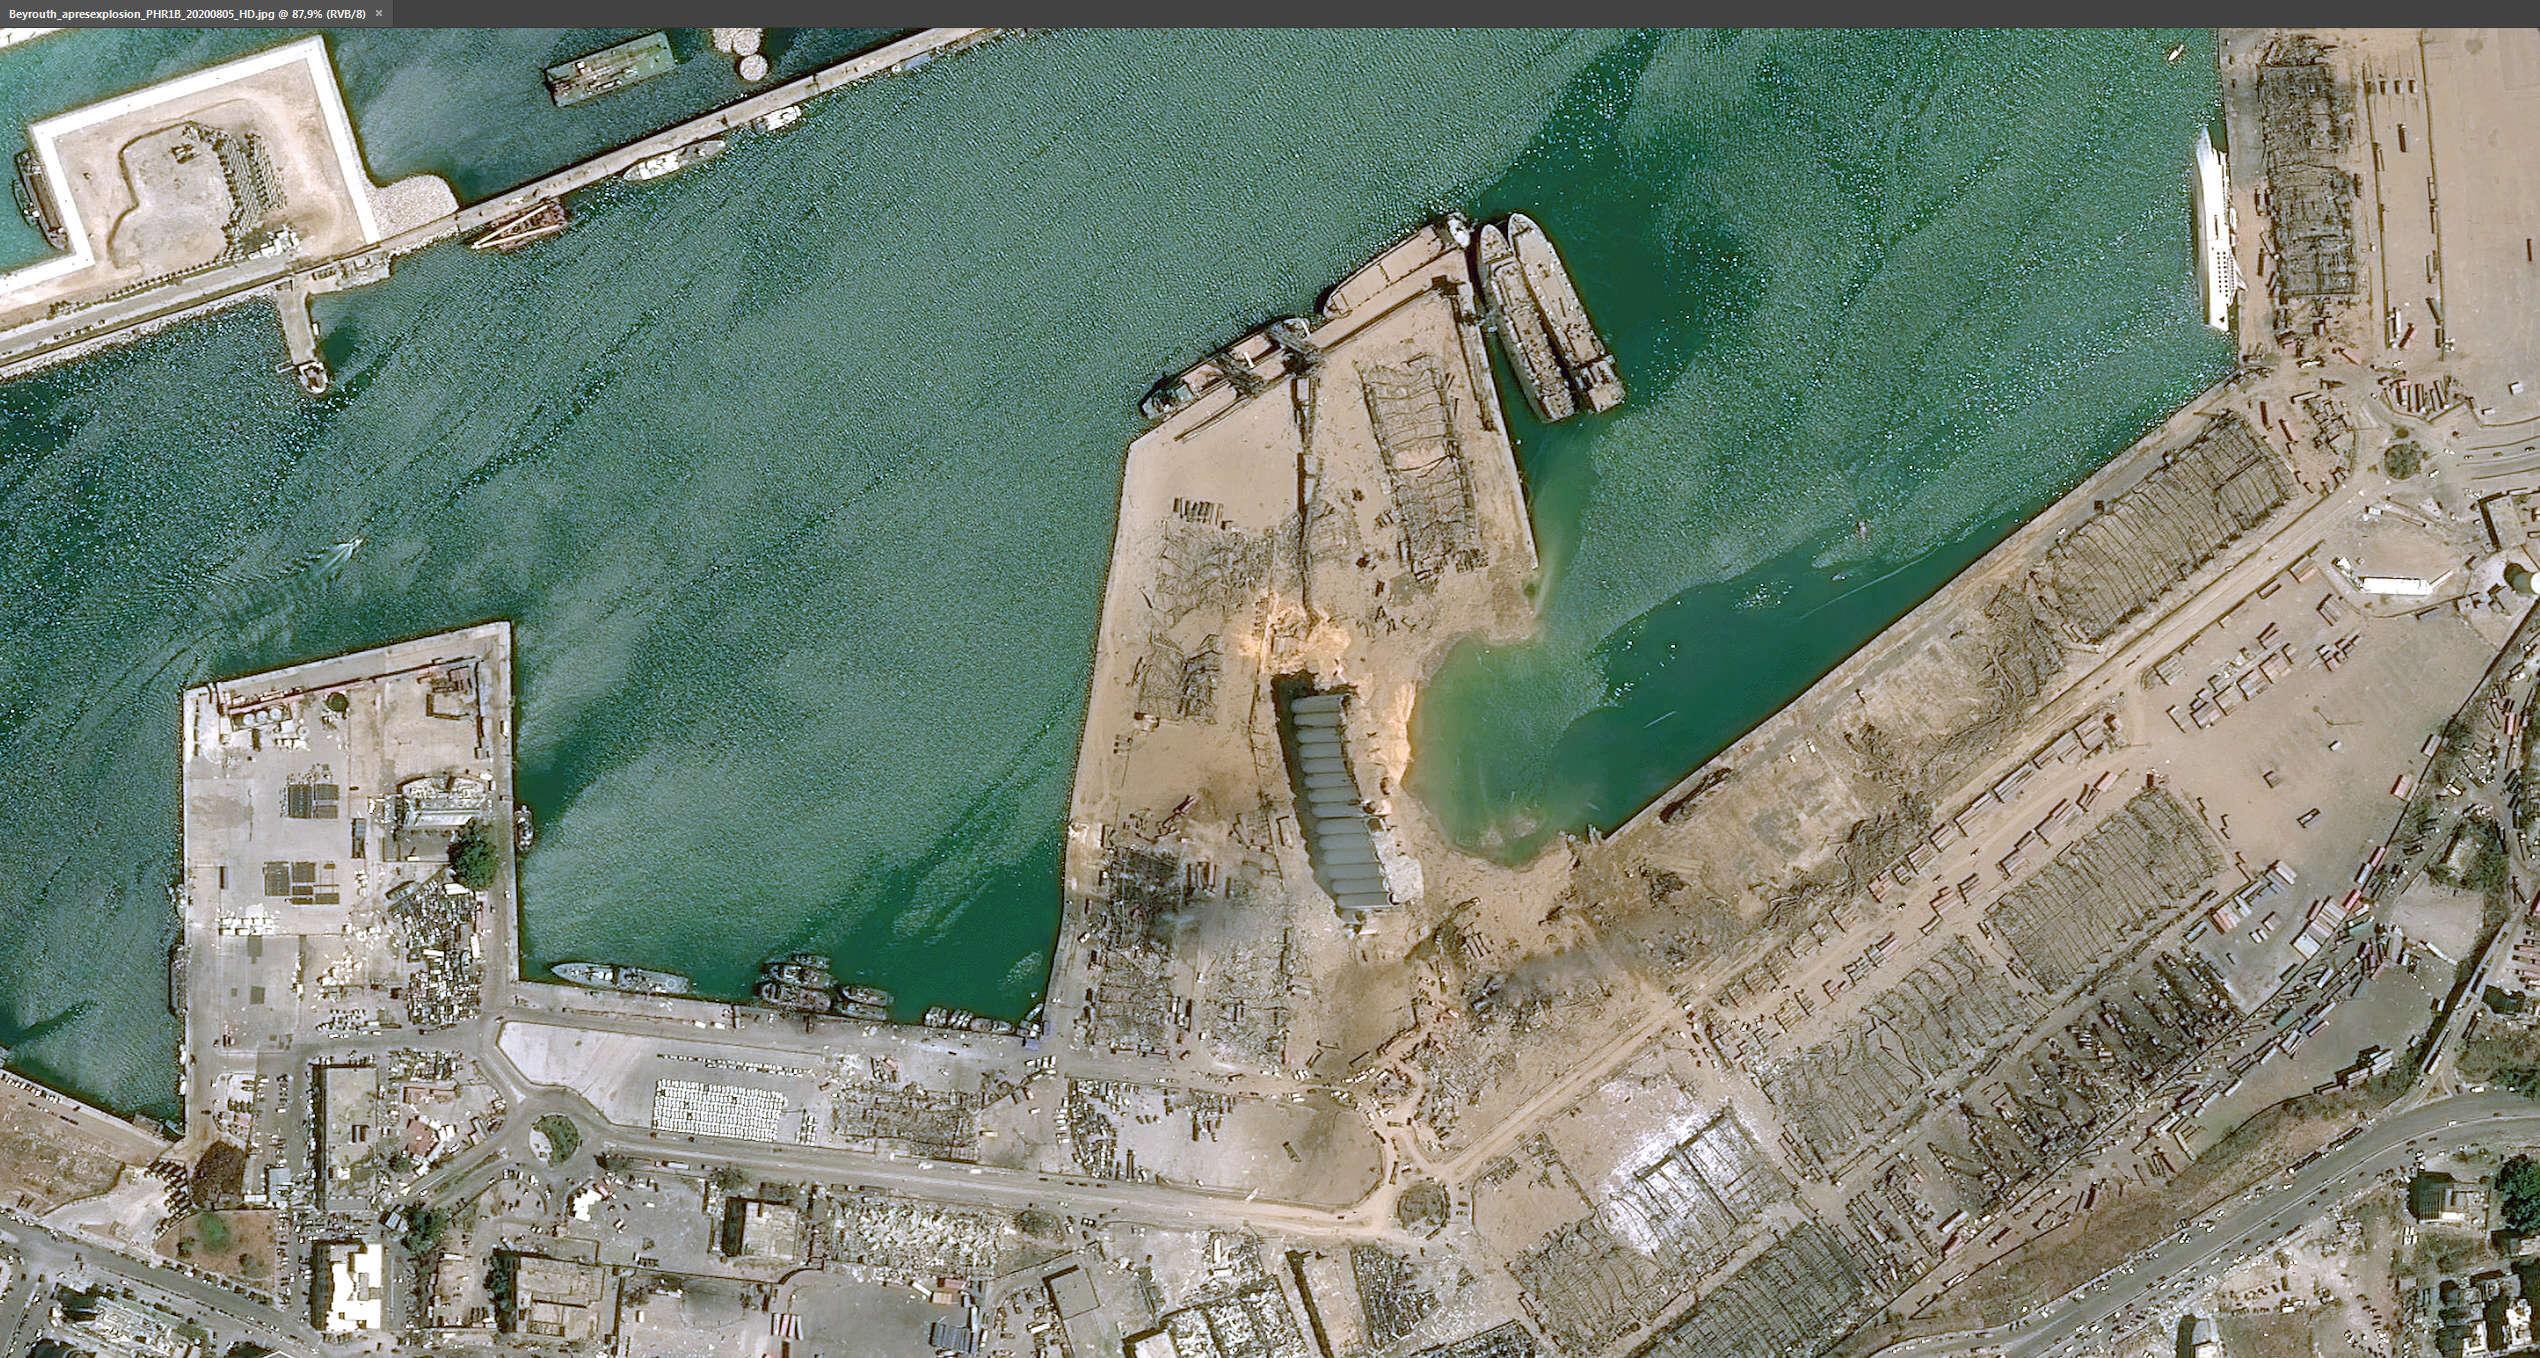 До и после взрывов: как изменился Бейрут, который накрыли тонны завалов (ВИДЕО, ФОТО) - фото 3